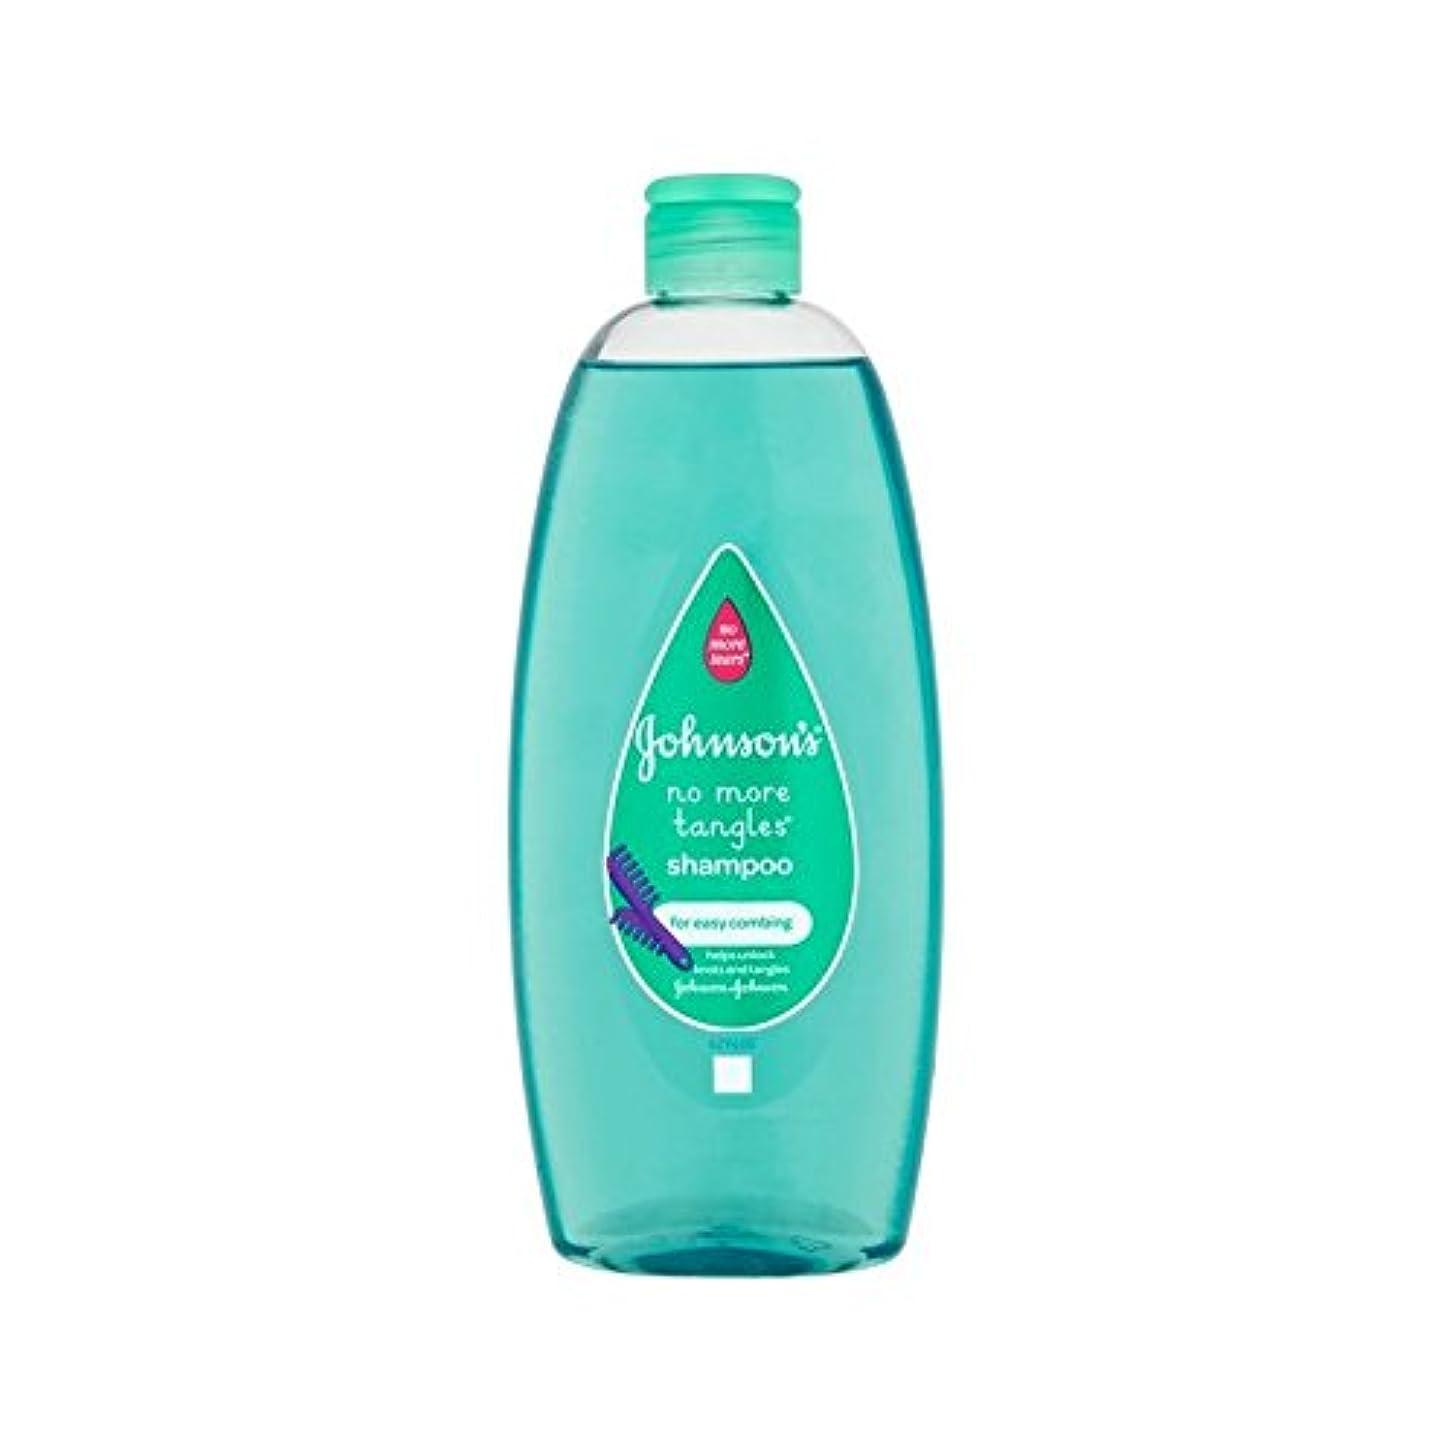 便益困惑公爵もうシャンプー500ミリリットルをもつれません (Johnson's Baby) (x 2) - Johnson's Baby No More Tangles Shampoo 500ml (Pack of 2) [並行輸入品]